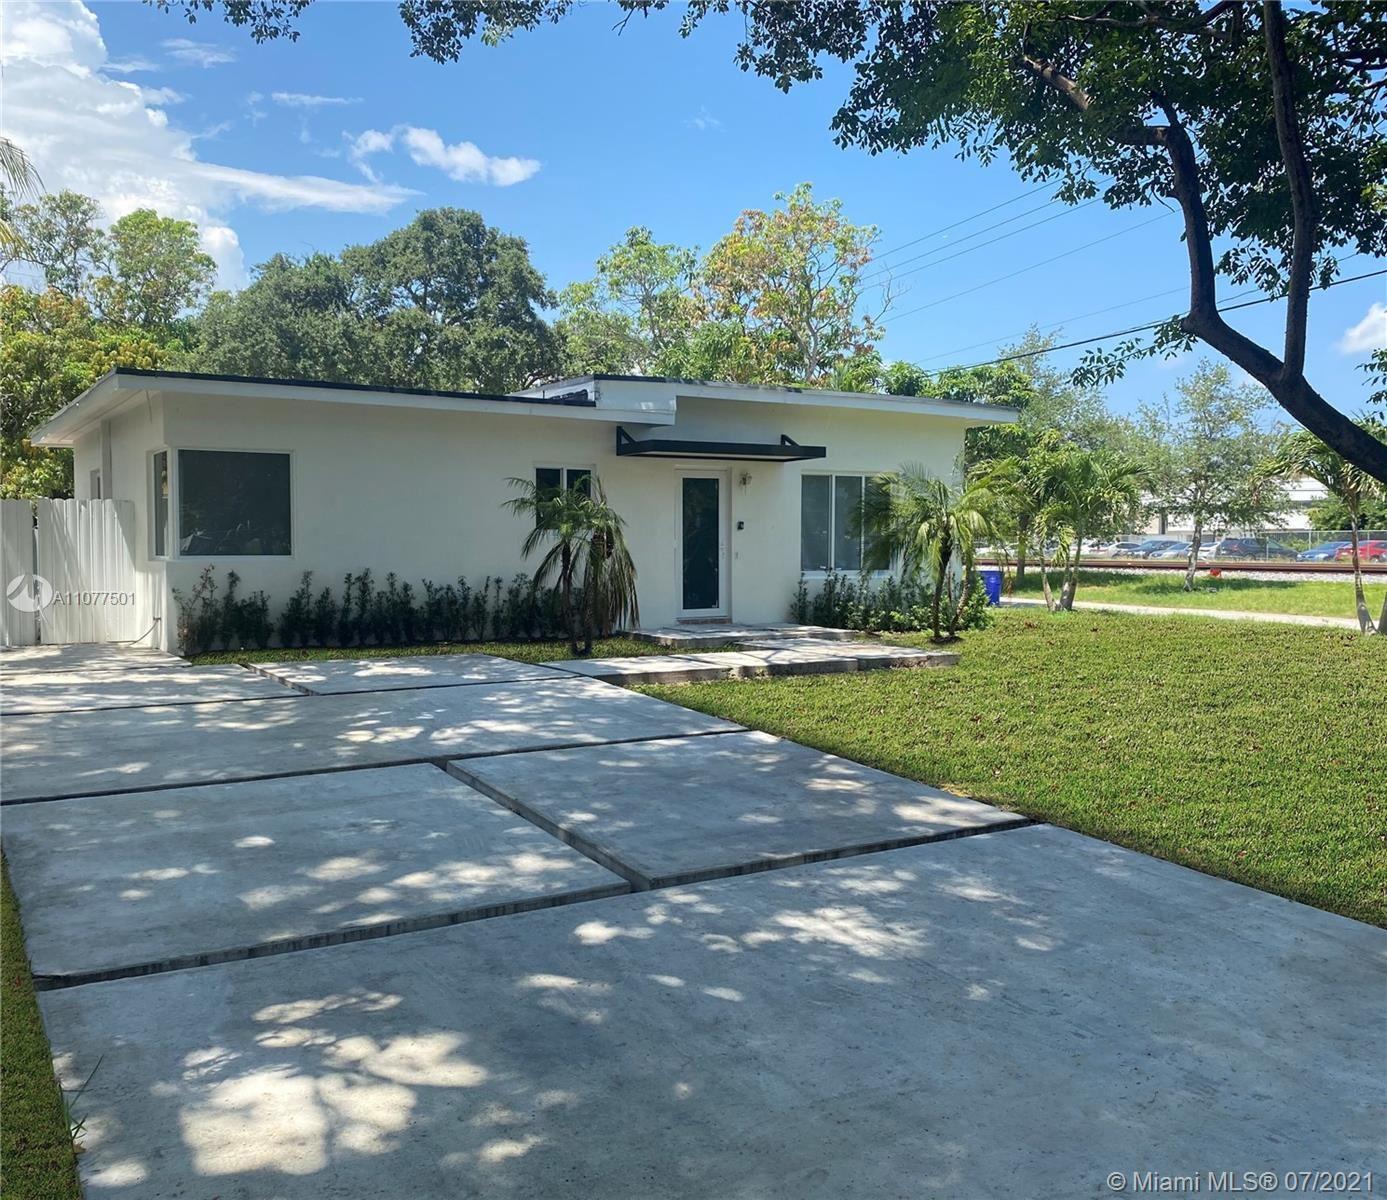 291 NE 47th St, Miami, FL 33137 - #: A11077501